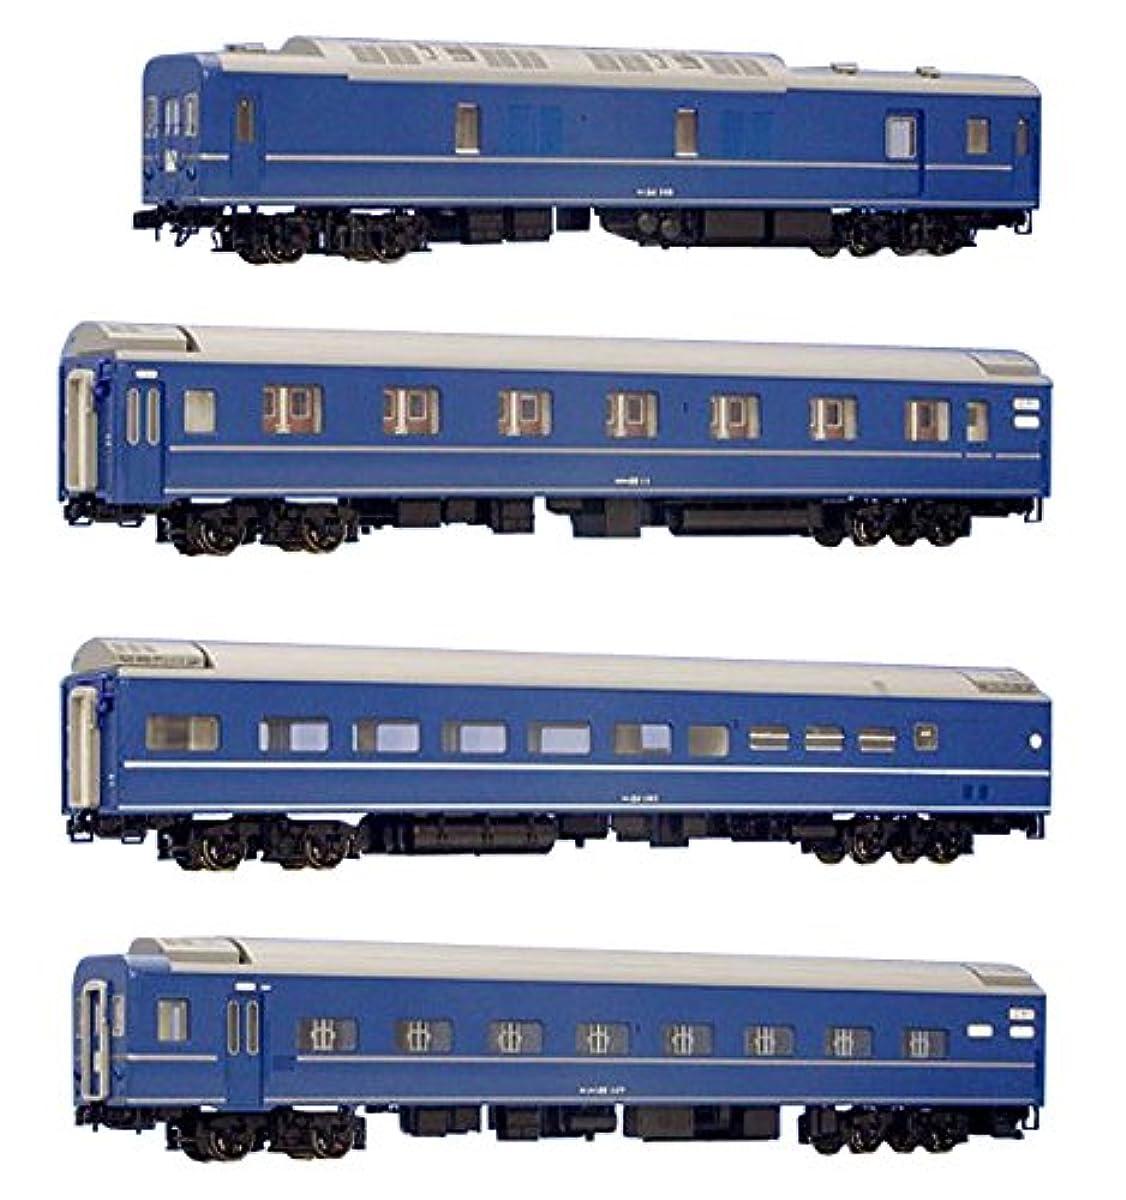 [해외] KATO HO게이지 24 계 25 형침대특급 객차 기본 4 양세트 3-510 철도 모형 객차